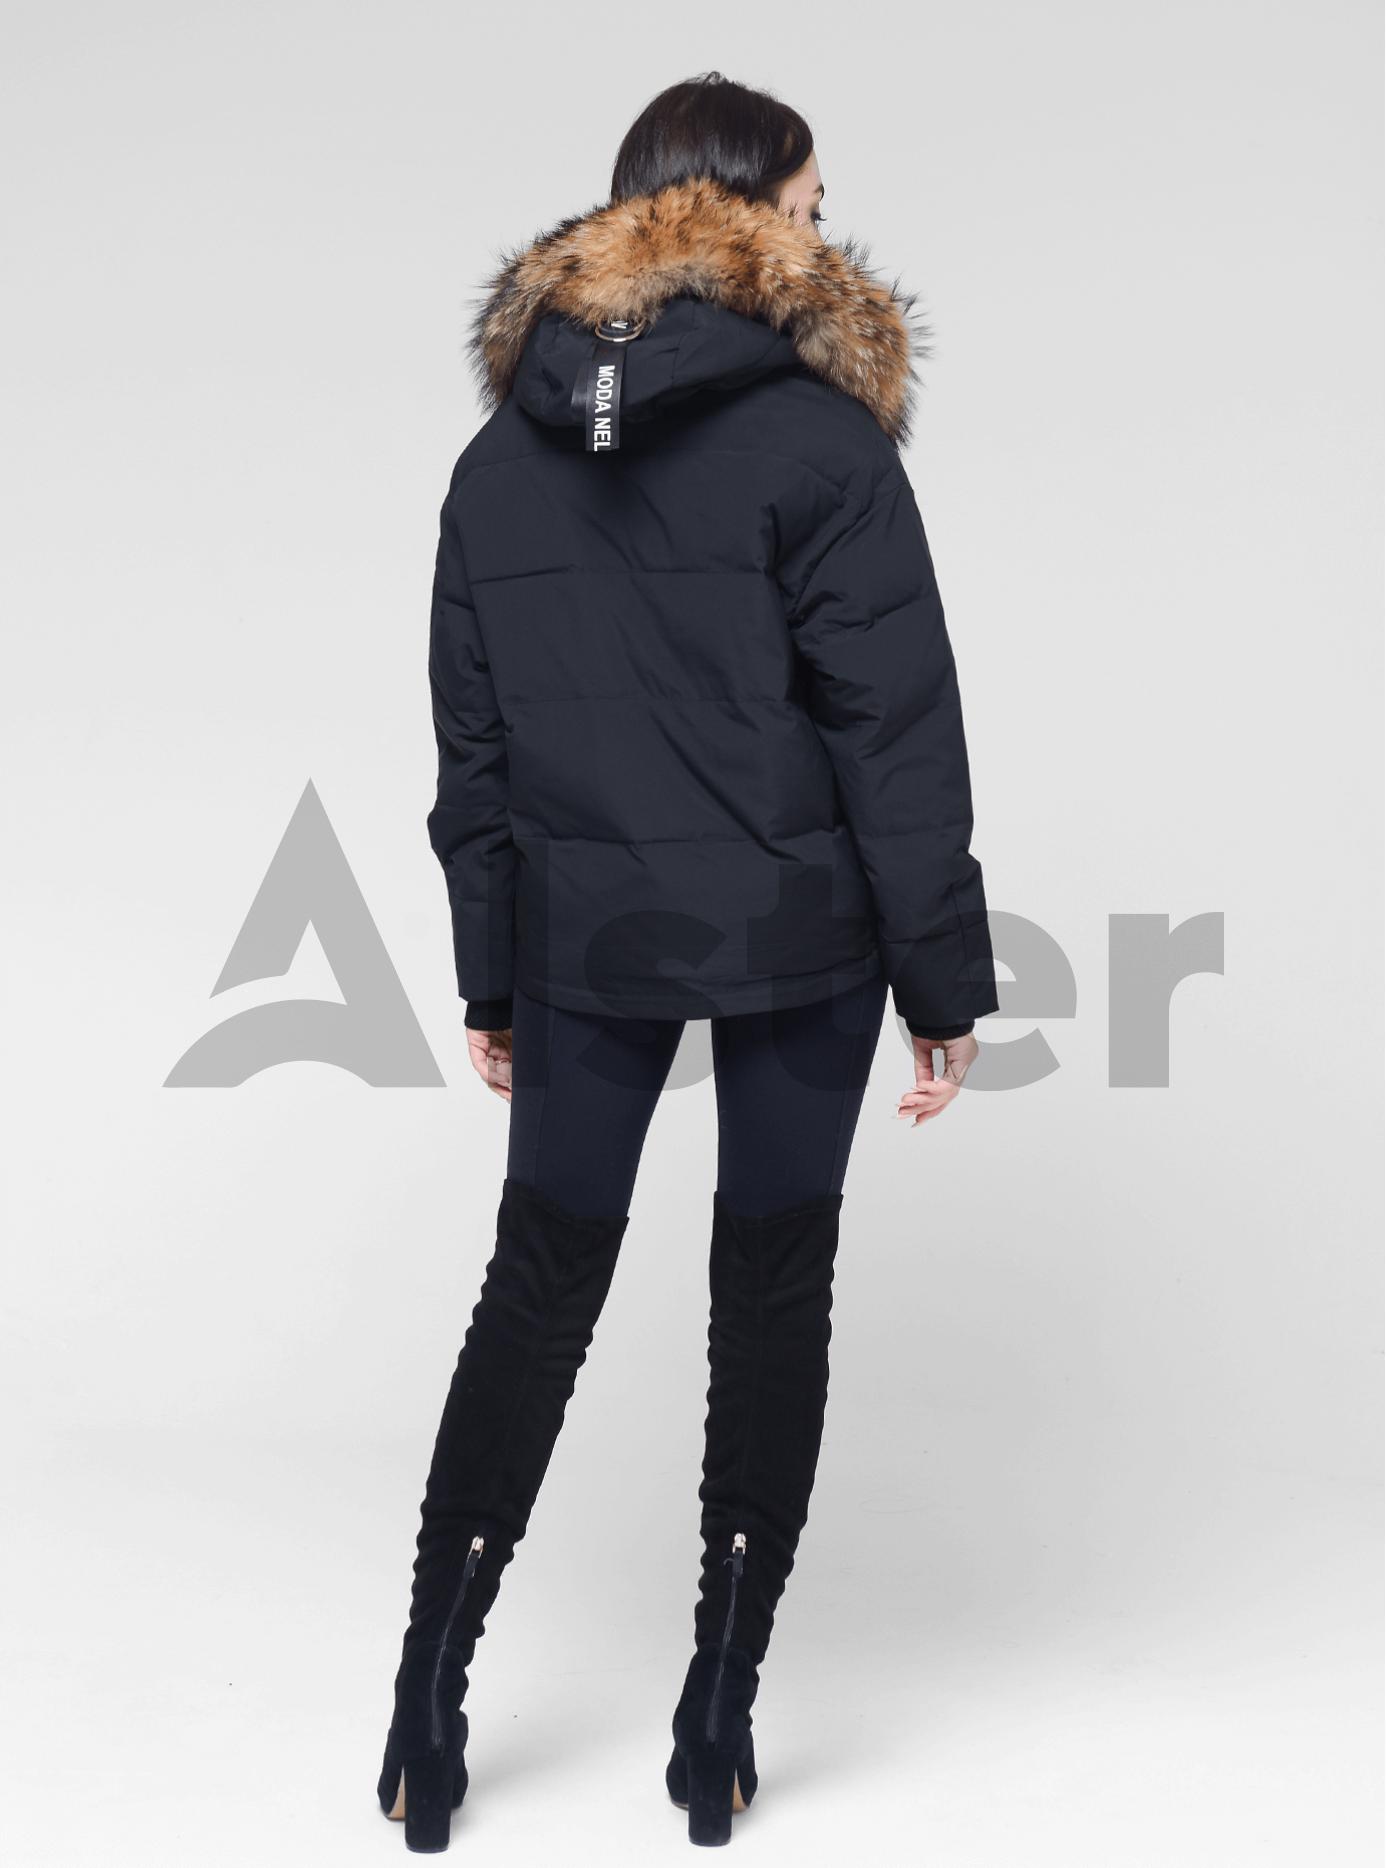 Куртка зимняя короткая с мехом енота Чёрный M (05-V191222): фото - Alster.ua